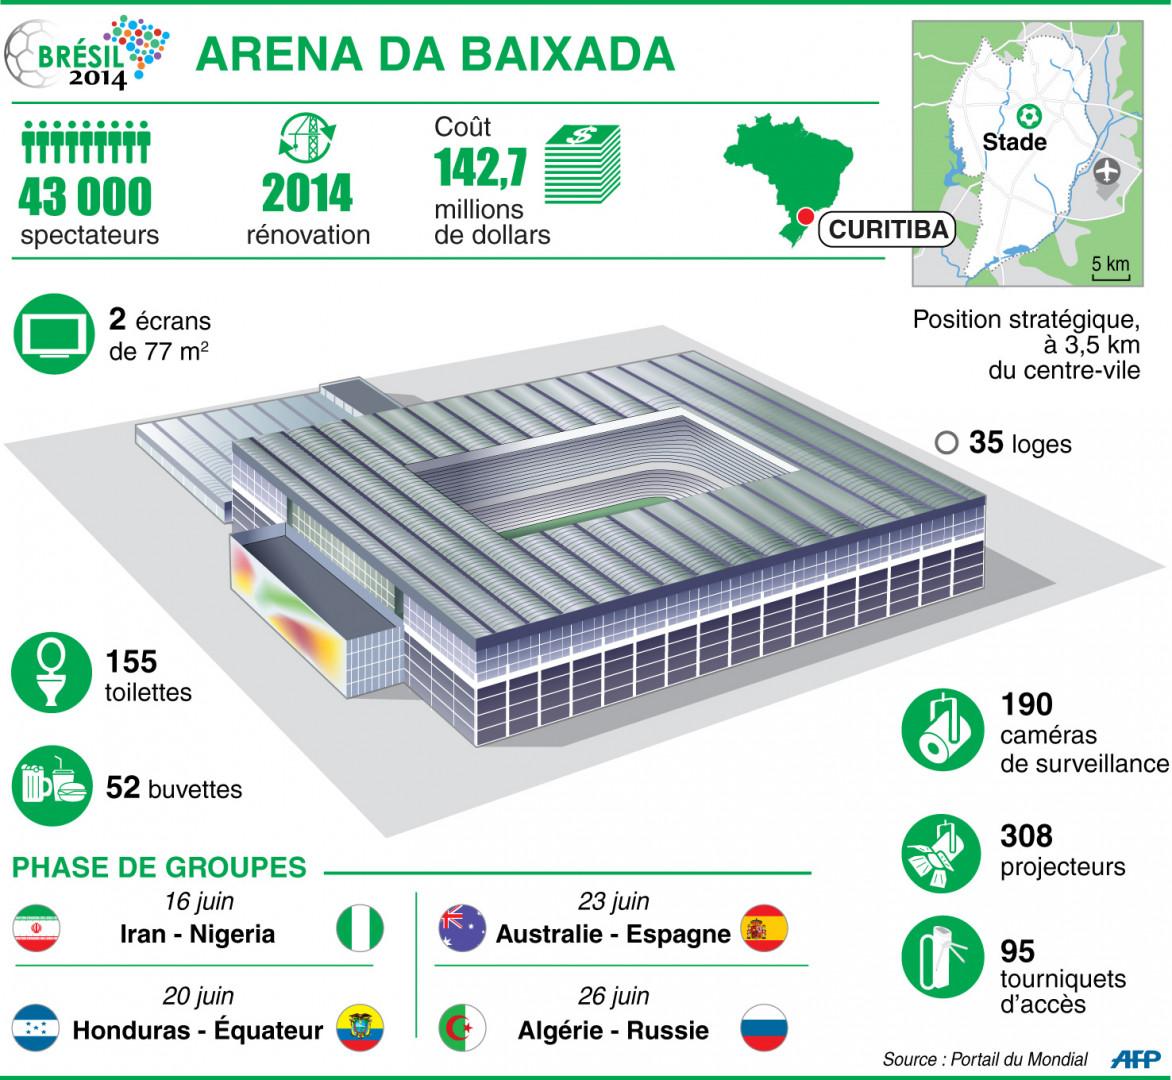 Infographie : l'Arena da baixada à Curitiba